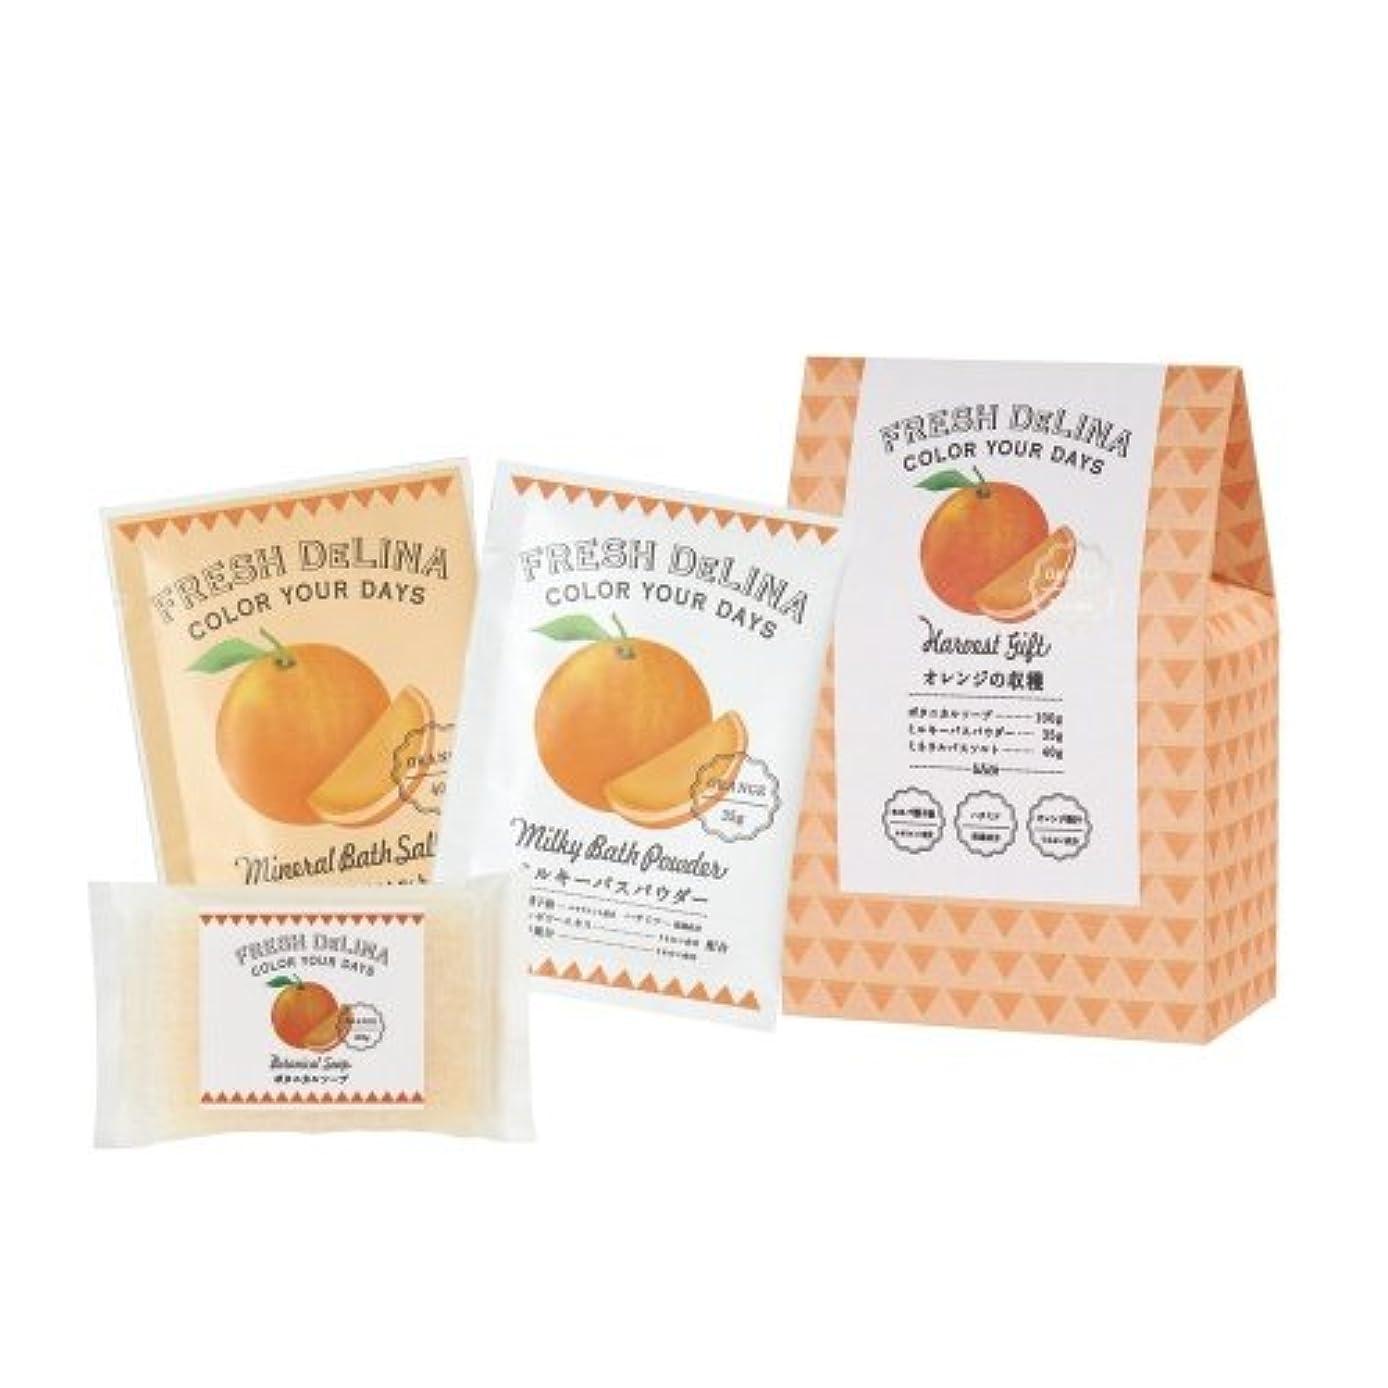 スプーン無礼に組み合わせフレッシュデリーナ ハーベストギフト オレンジ (ミルキバスパウダー35g、ミネラルバスソルト40g、ボタニカルソープ100g 「各1個」)